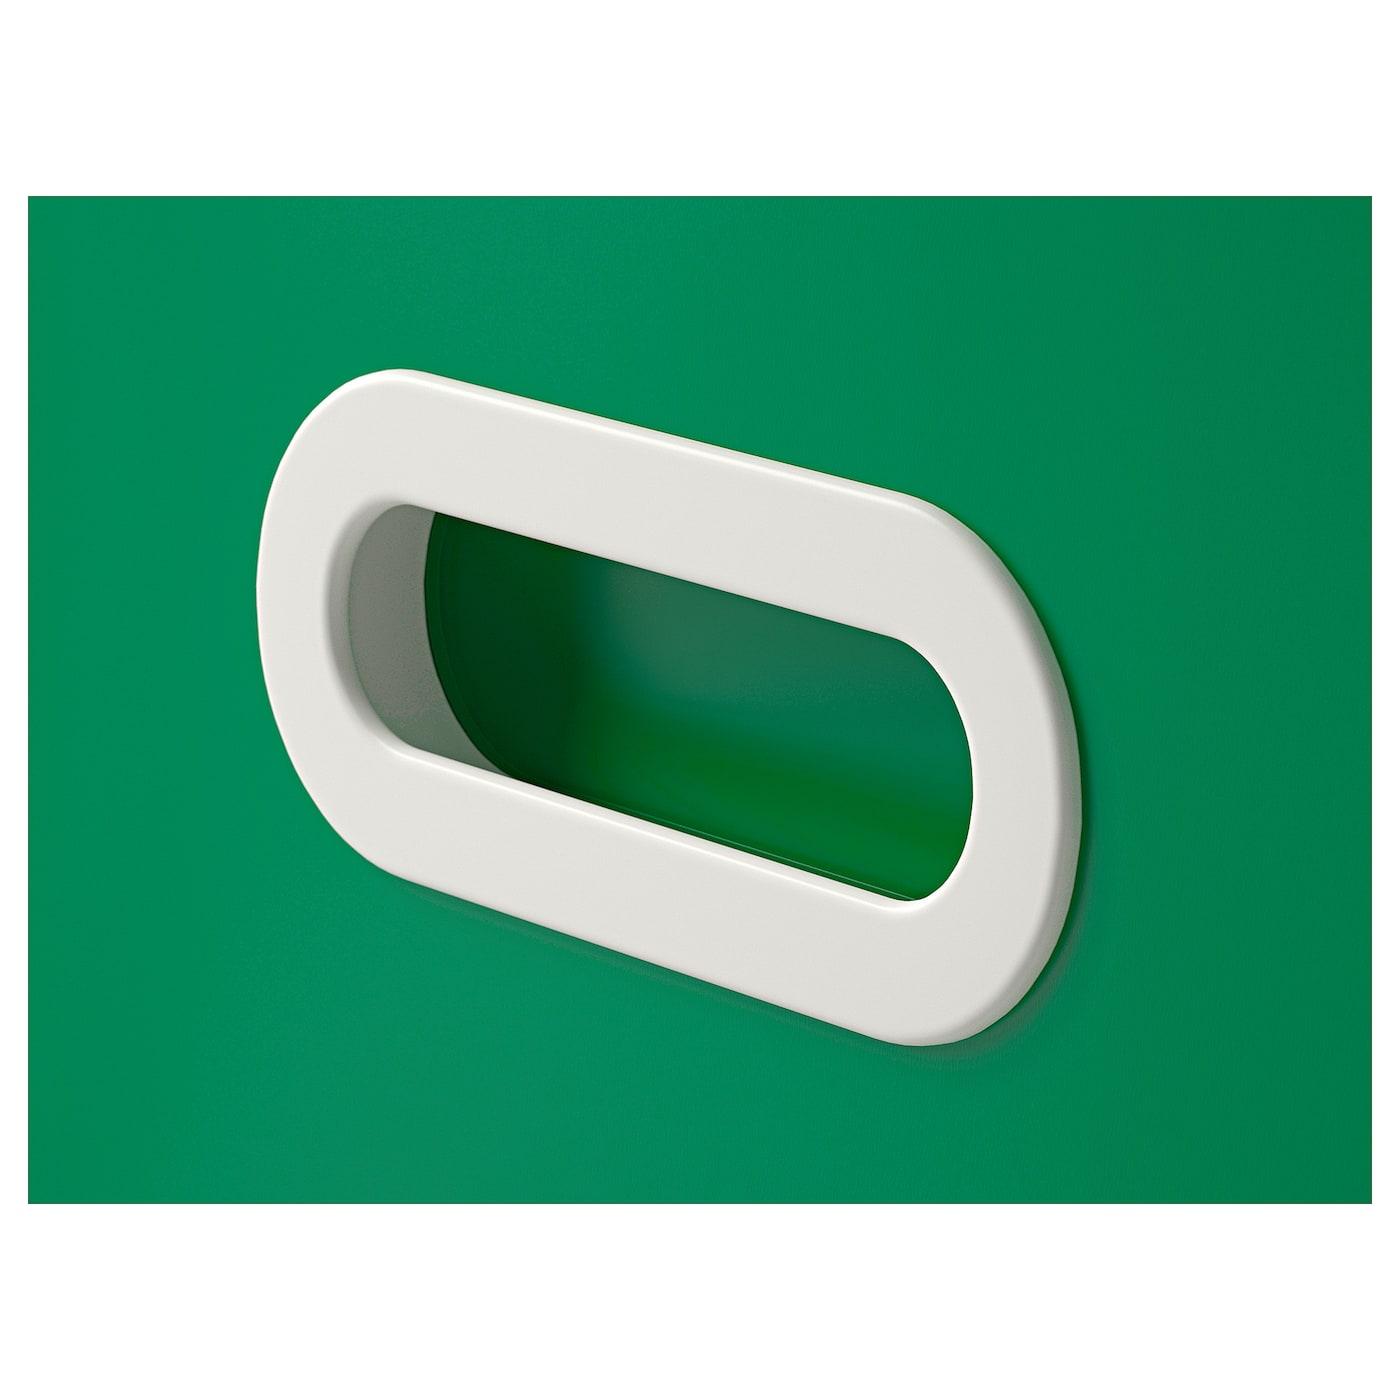 FRITIDS čelo zásuvky zelená 60.0 cm 32.0 cm